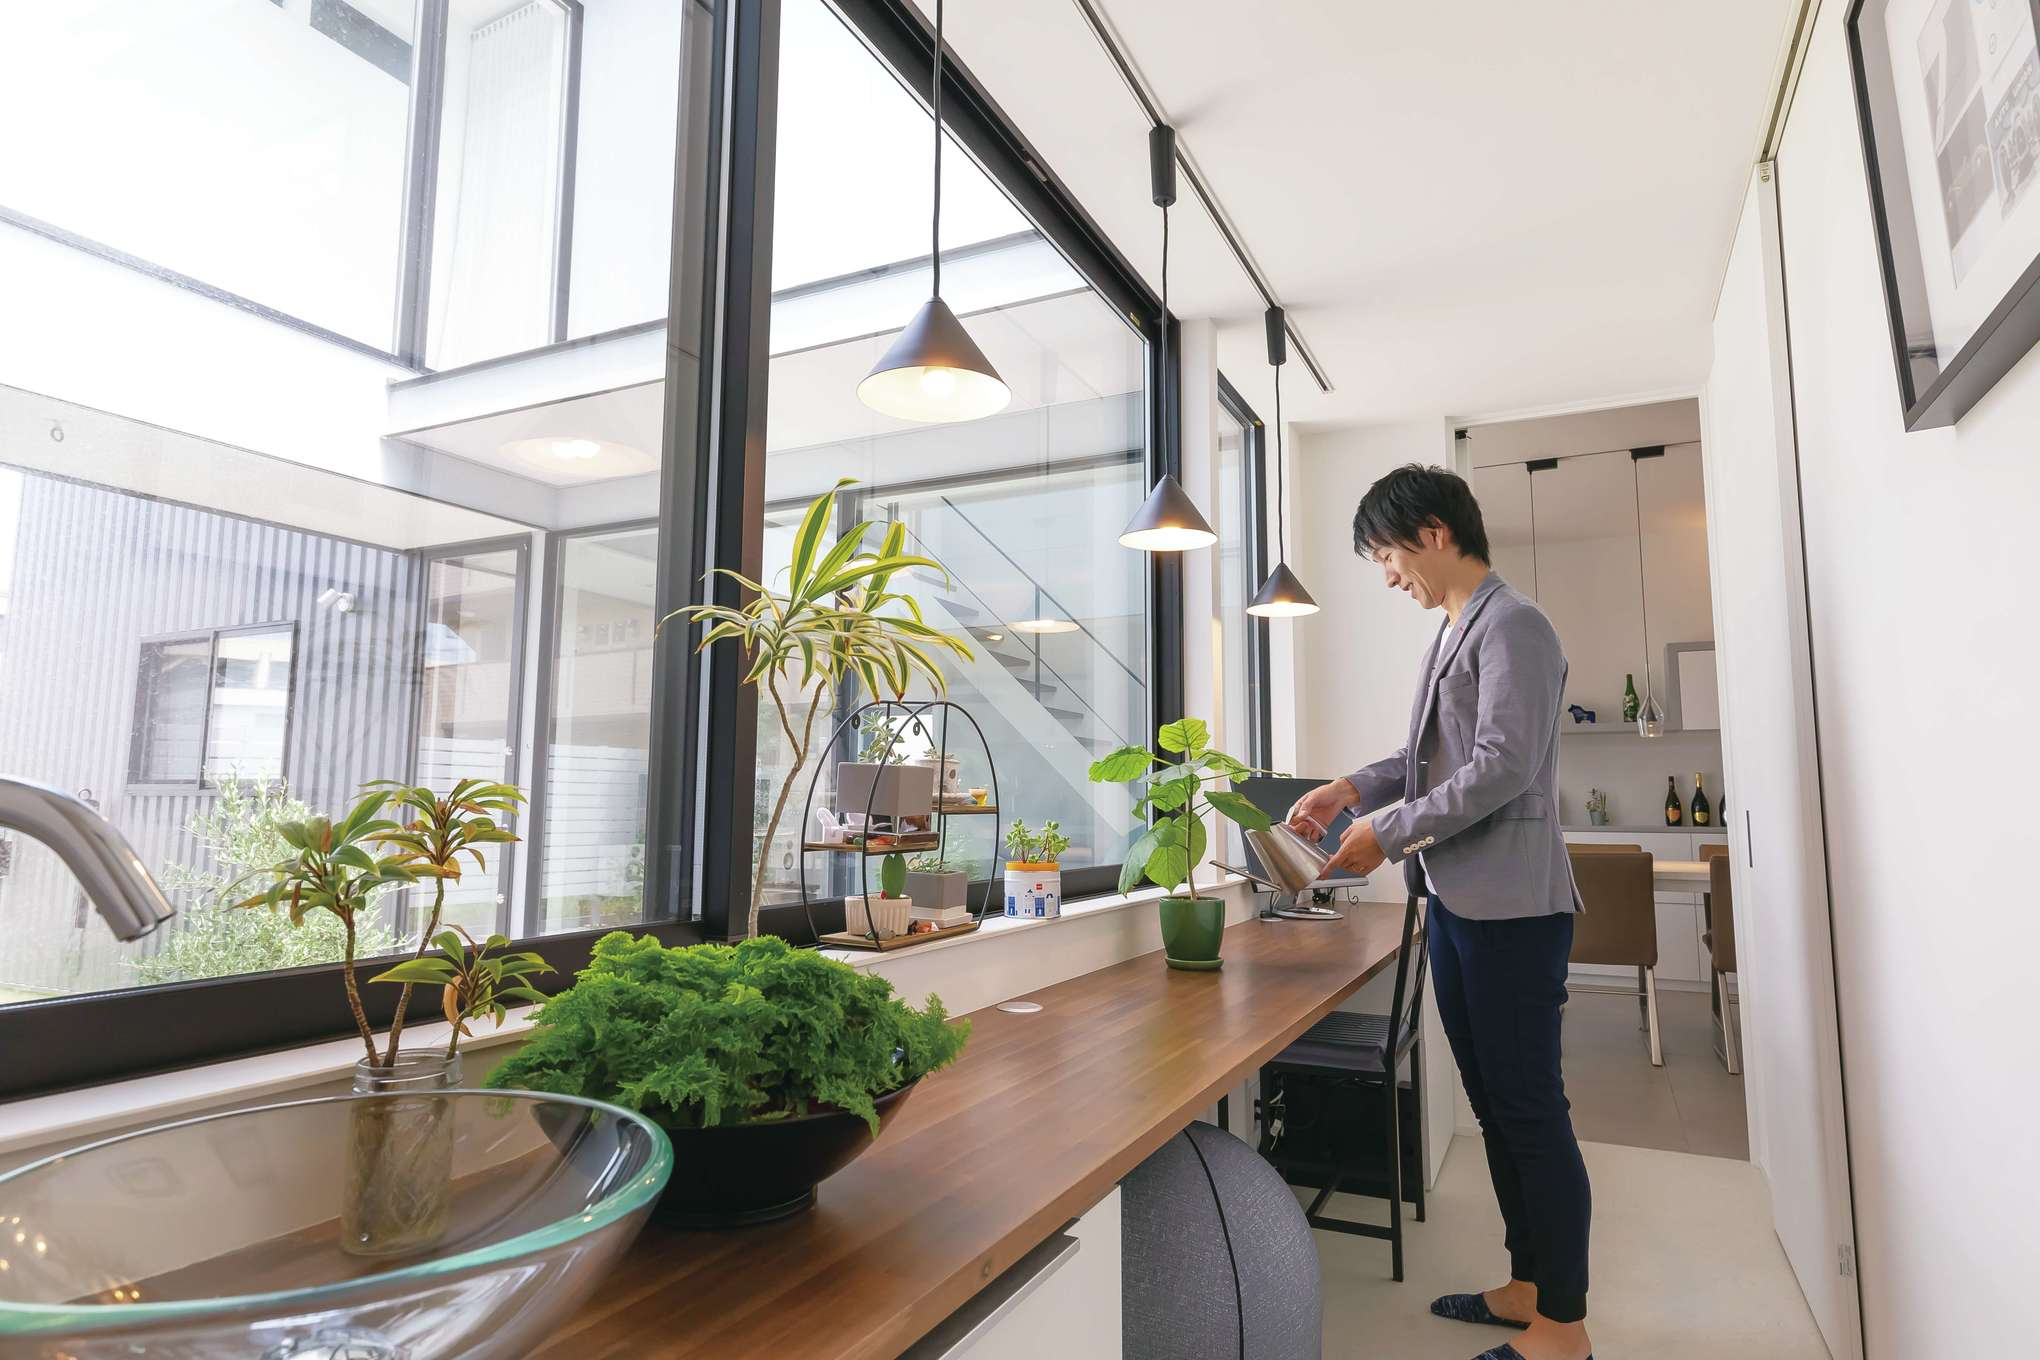 MABUCHI【デザイン住宅、省エネ、建築家】グリーンの手入れは「生き物係」のご主人の日課。カウンターは洗い場付きなので便利